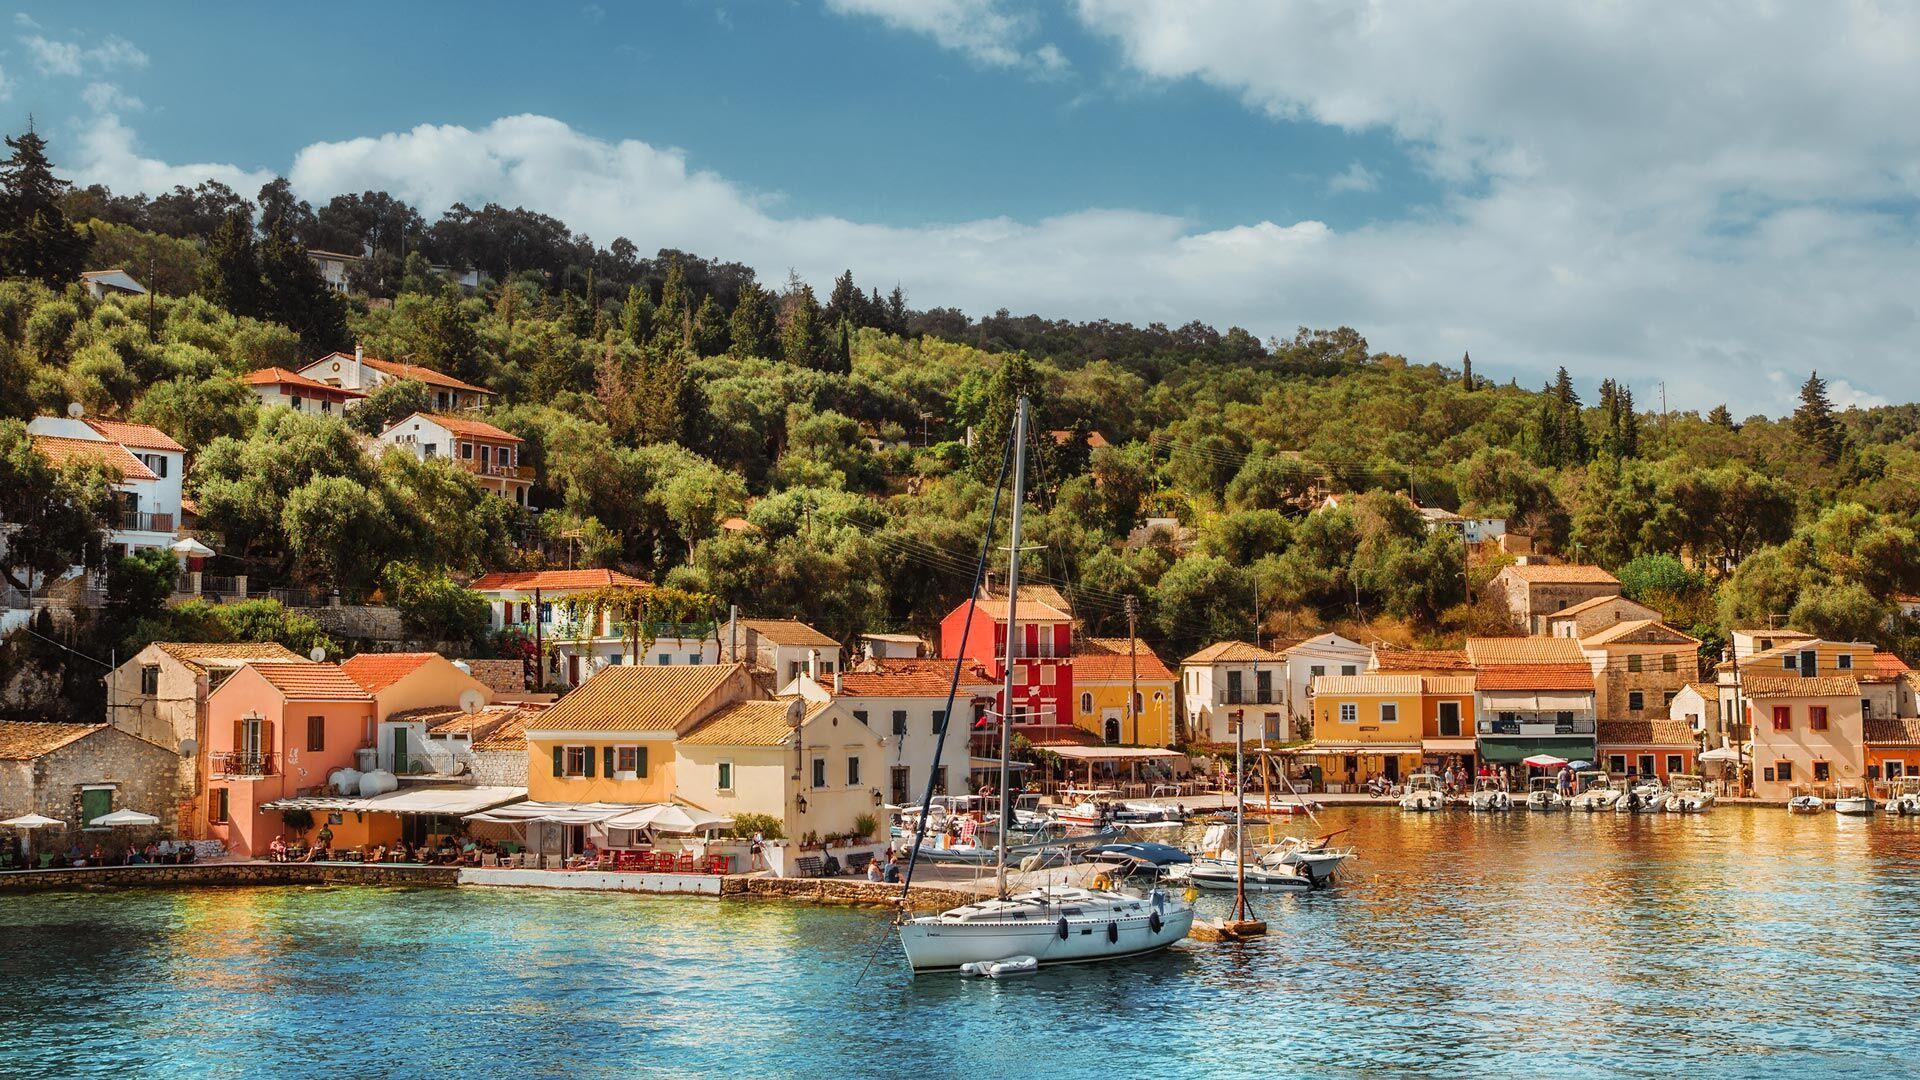 Paxos Cartina Geografica.Senti Il Battito Del Cuore Di Paxos Andando A Spasso Tra I Suoi Villaggi Cultura Discover Greece